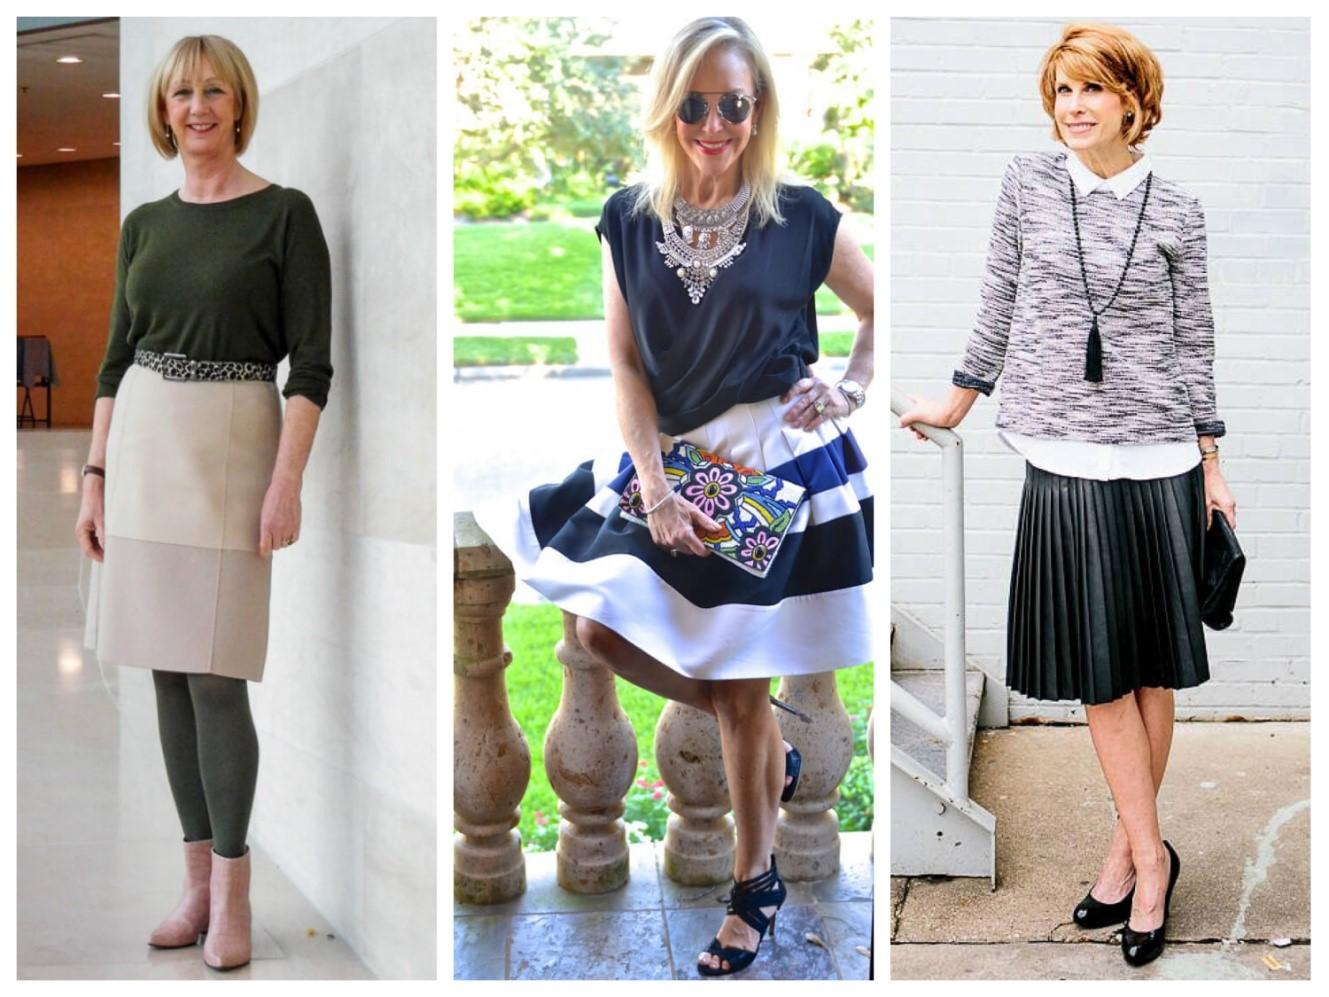 c5c6eee58a5dabe Мода 2018-2019 для женщин после 50 лет, чтобы выглядеть моложе